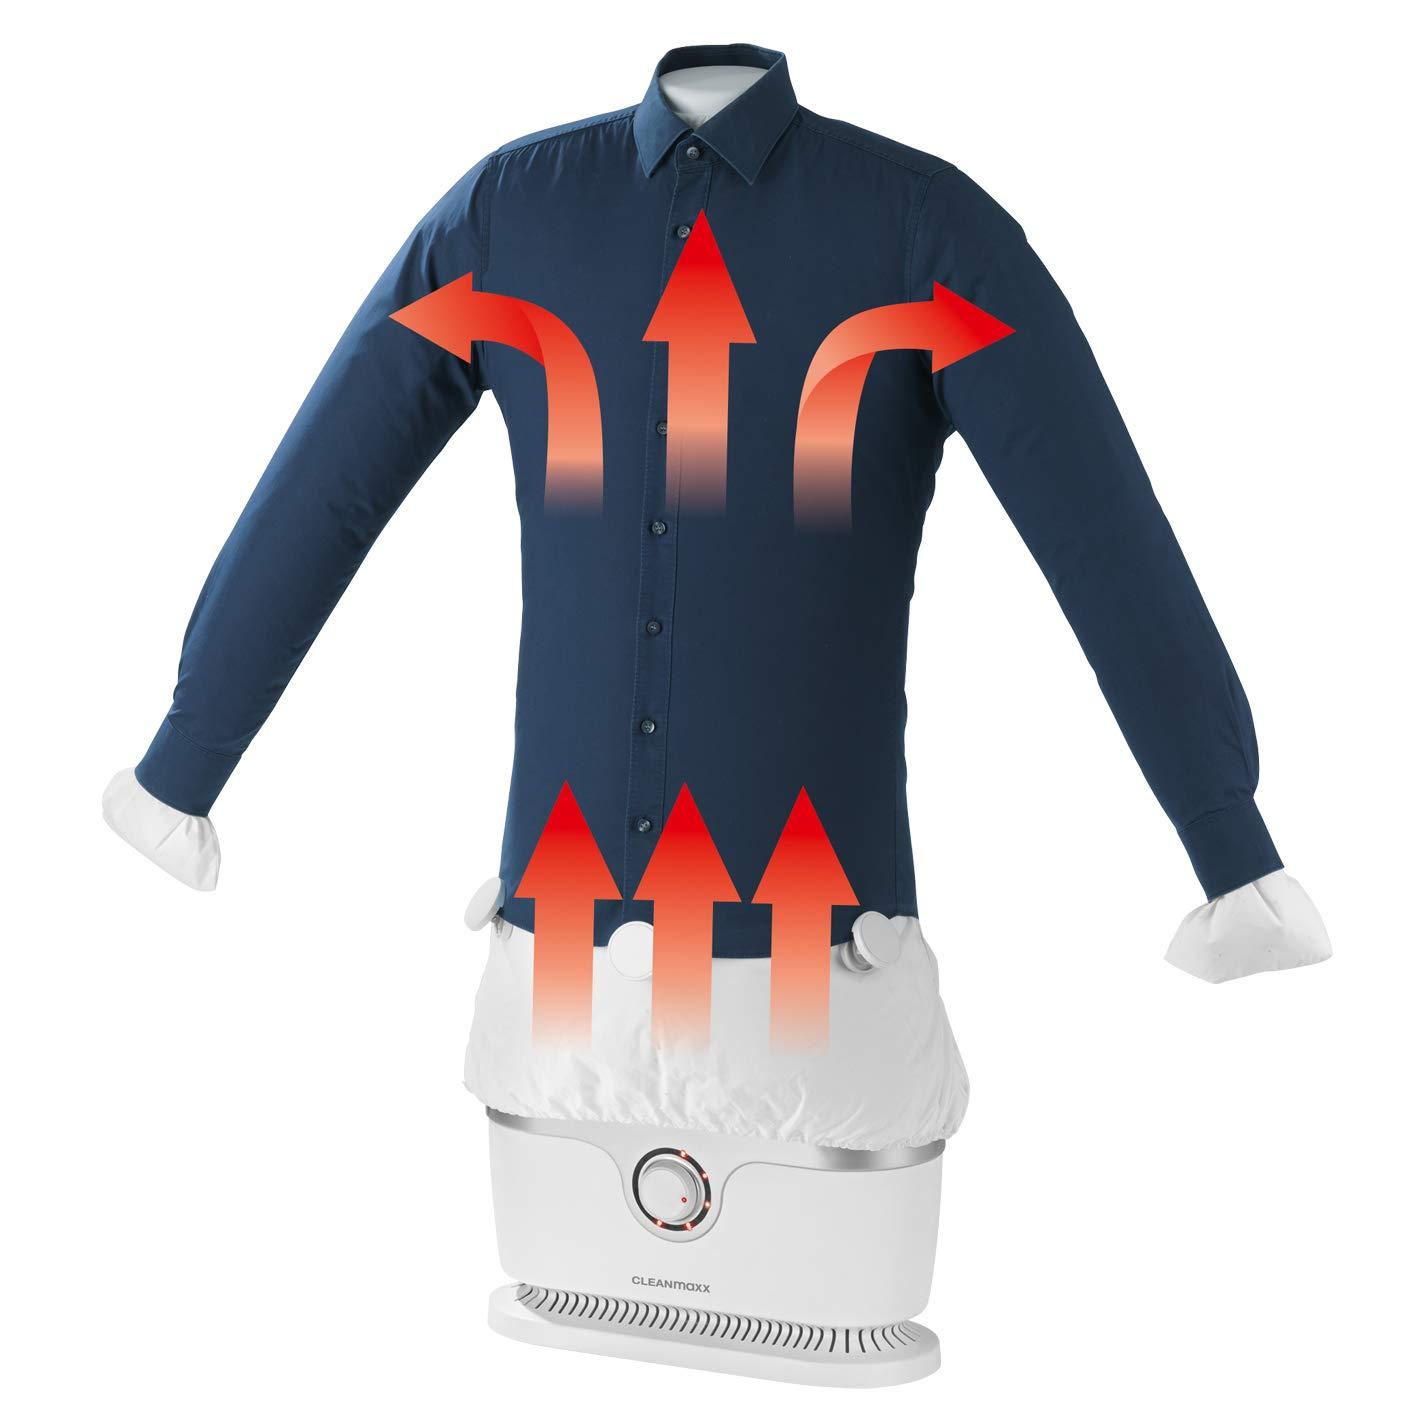 CLEANmaxx Repassage automatisé pour les chemises | Poupée des branches (vêtements secs et lisses automatiquement en une seule étape) (Blanc) 95